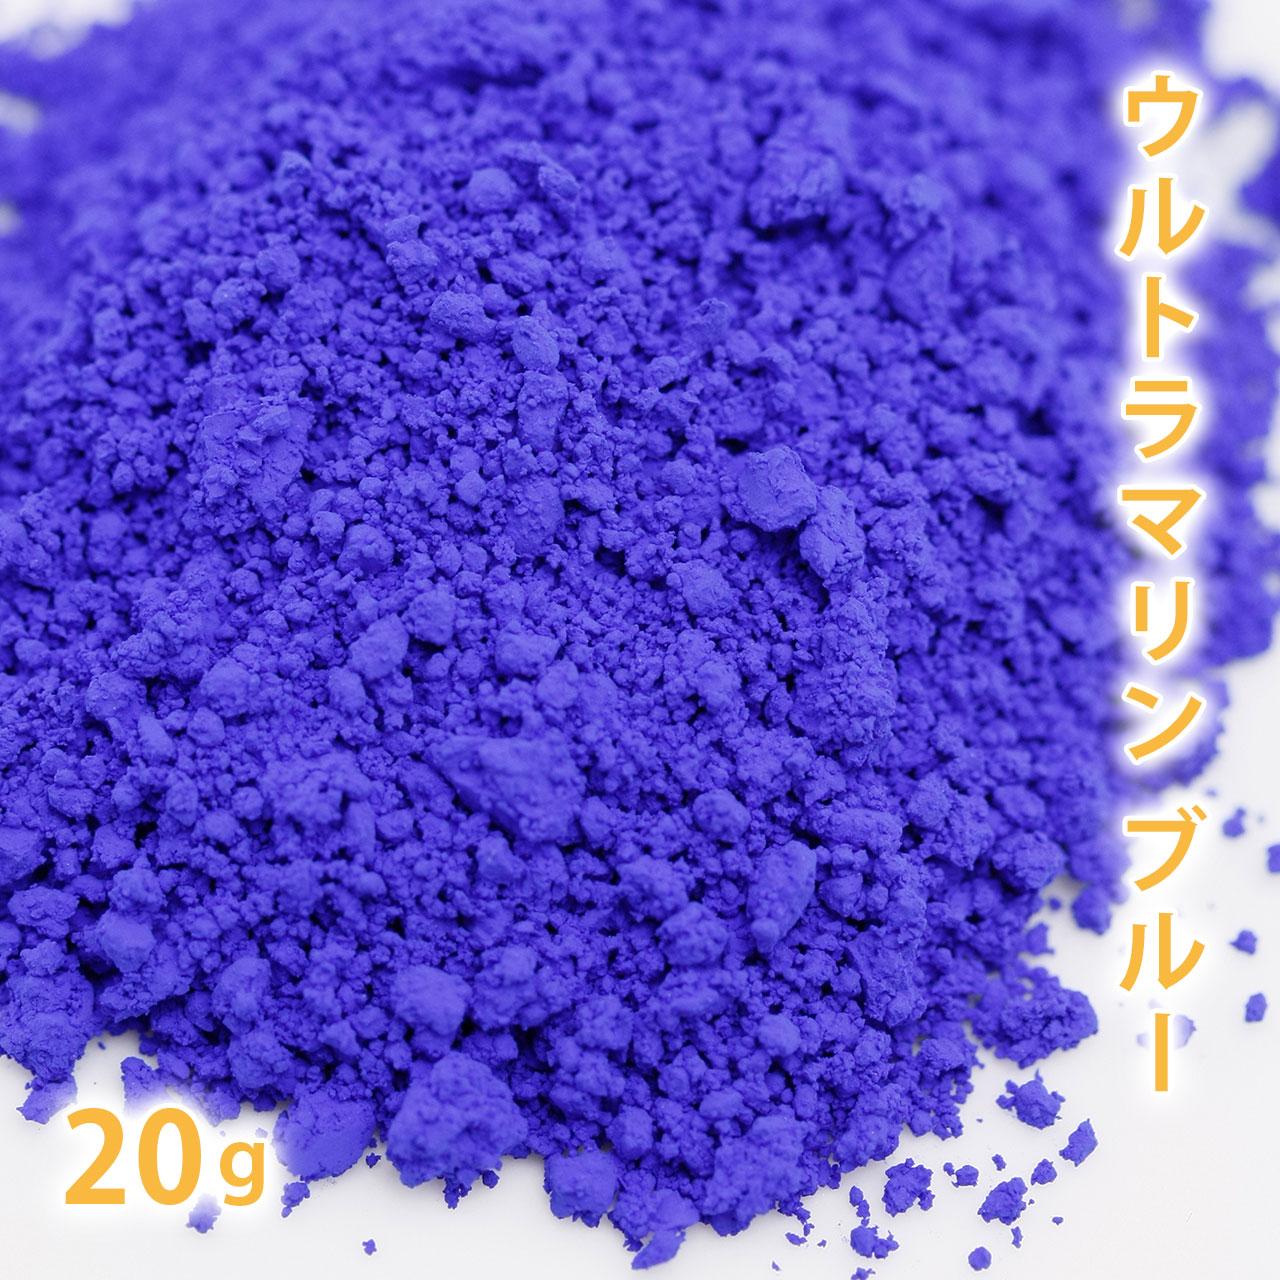 【ポストお届け可/3】 ウルトラマリン ブルー 20g 【手作り石鹸/手作りコスメ/色付け/カラーラント/青】